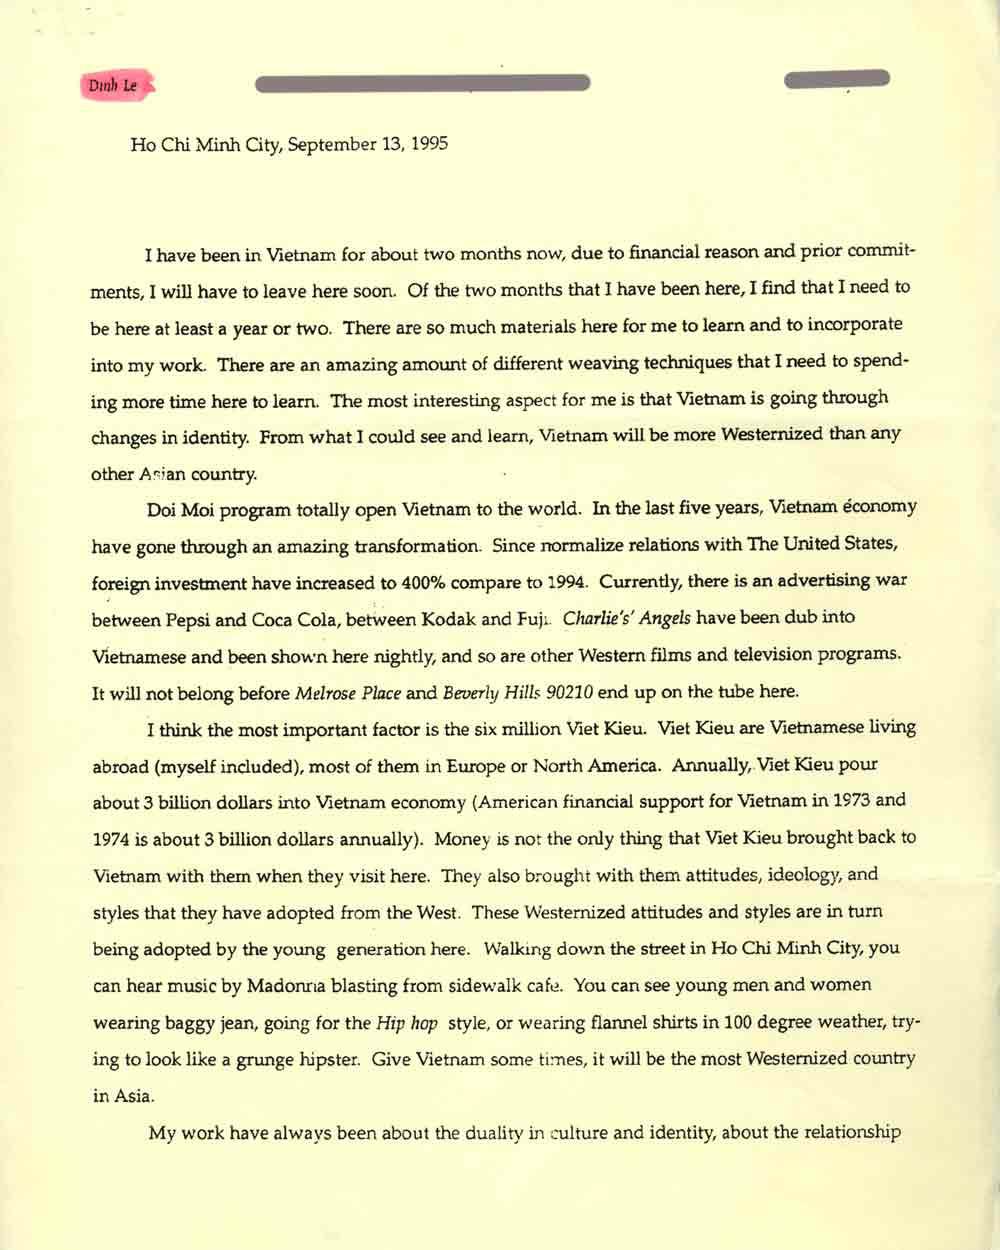 Dinh Q. Le's Artist Statement, pg 1